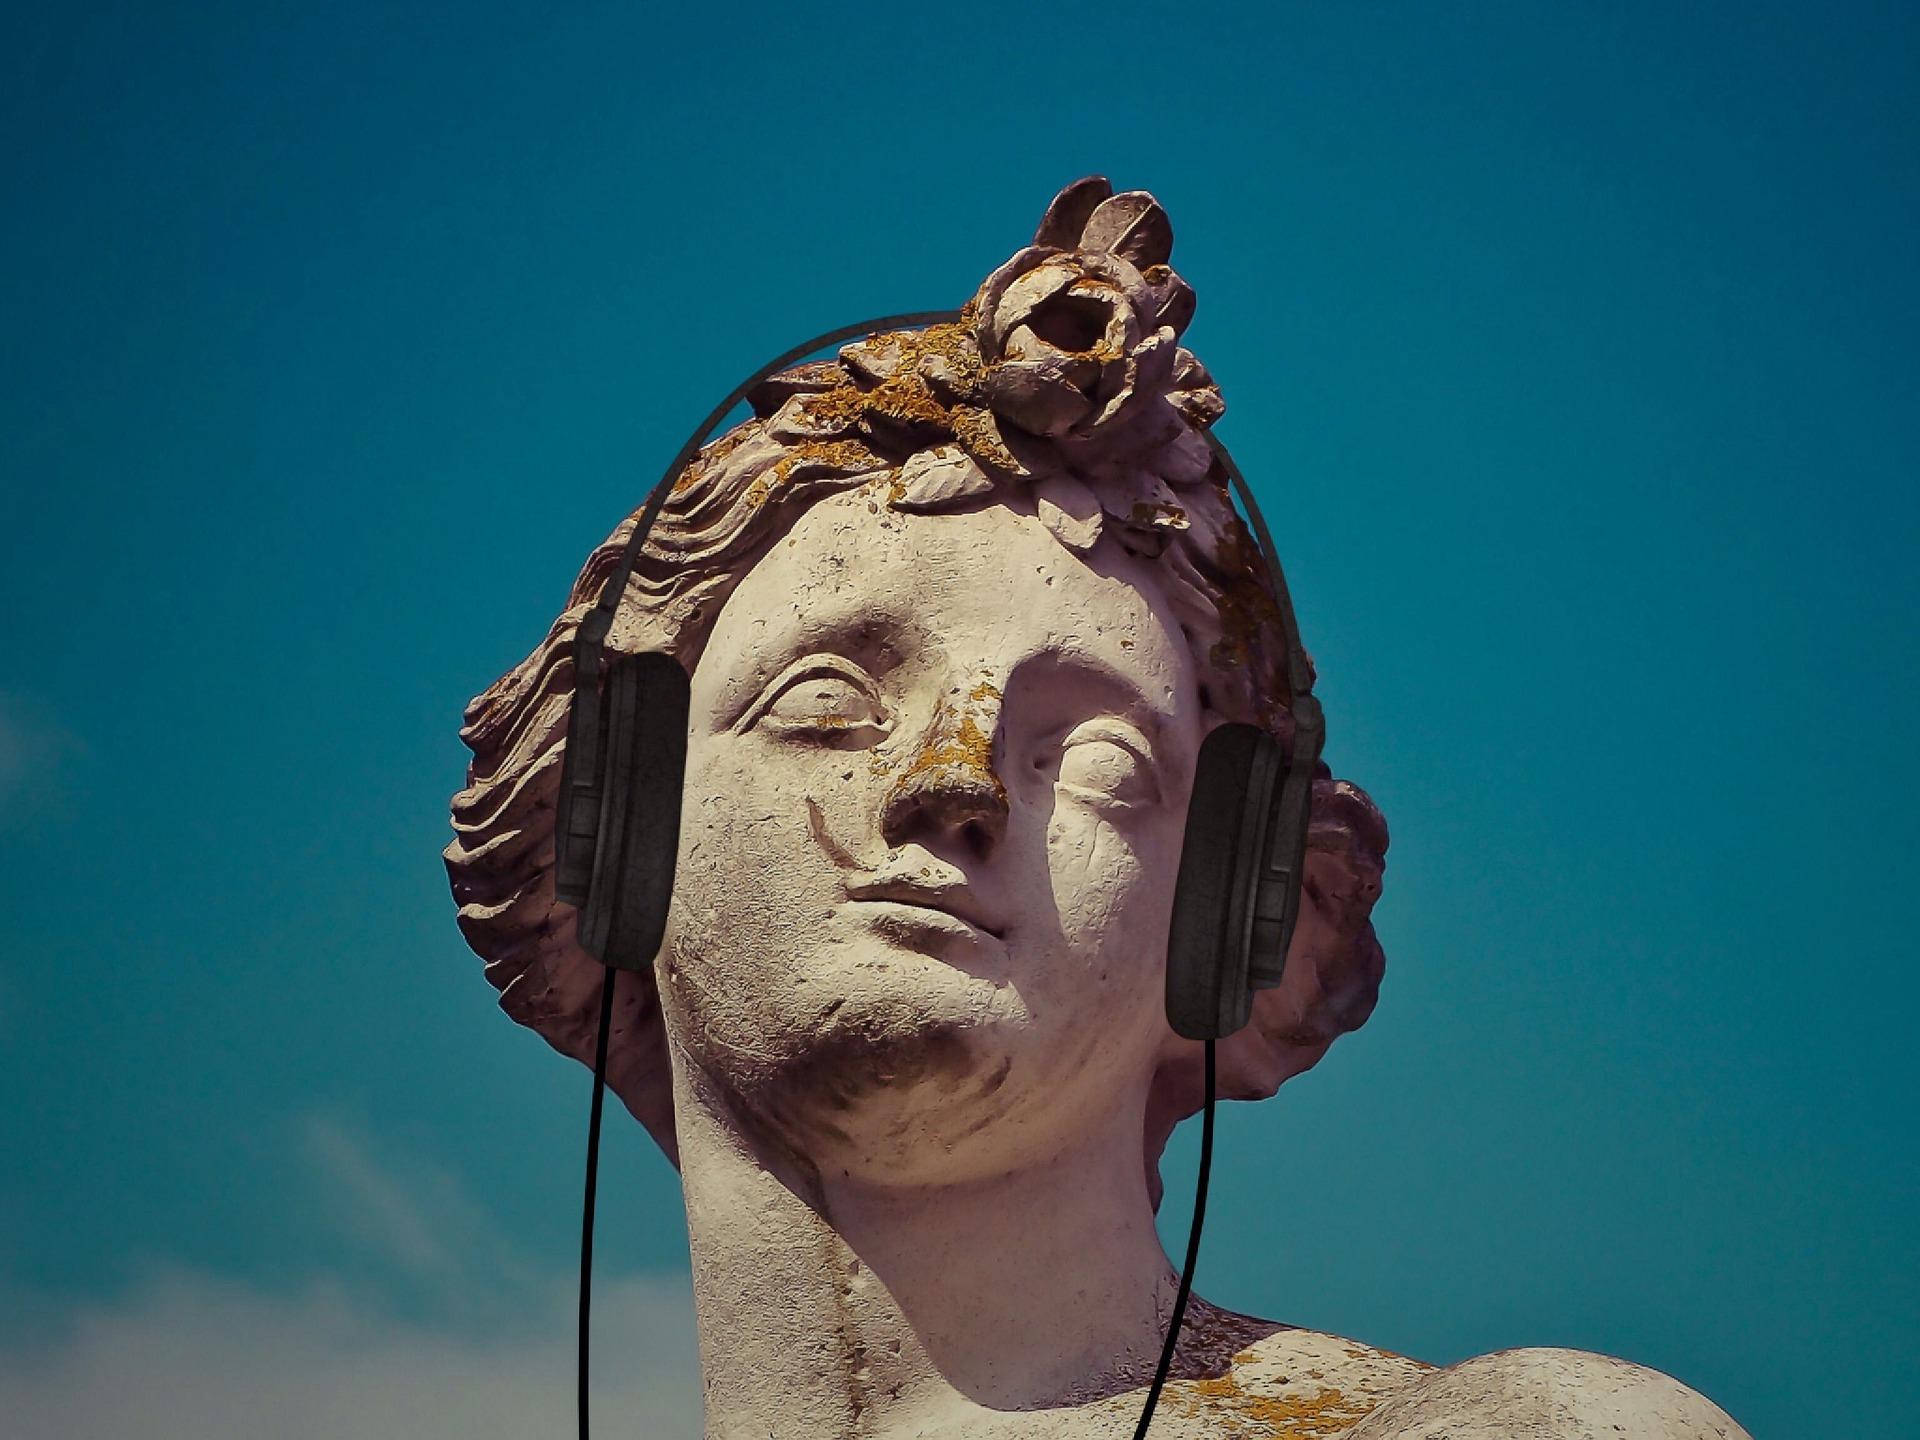 Kuvassa kreikkalaistyylinen kulunut patsas, jonka päässä on modernit kuulokkeet.